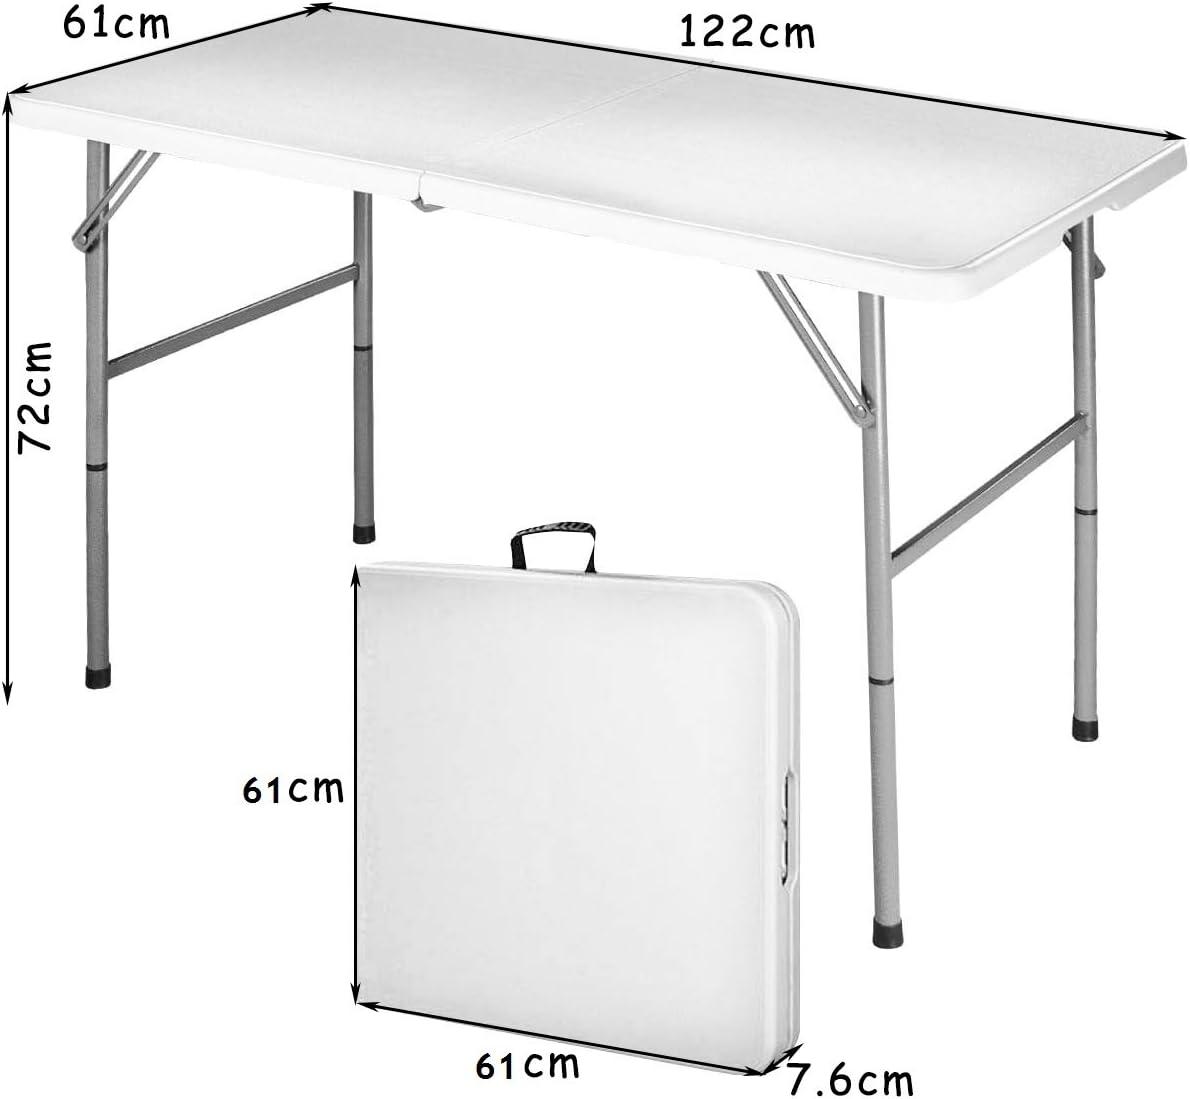 Mesa plegable Mesa de camping cerveza mesa maletín mesa comedor mesa plegable mesa de jardín Balcón Mesa: Amazon.es: Juguetes y juegos